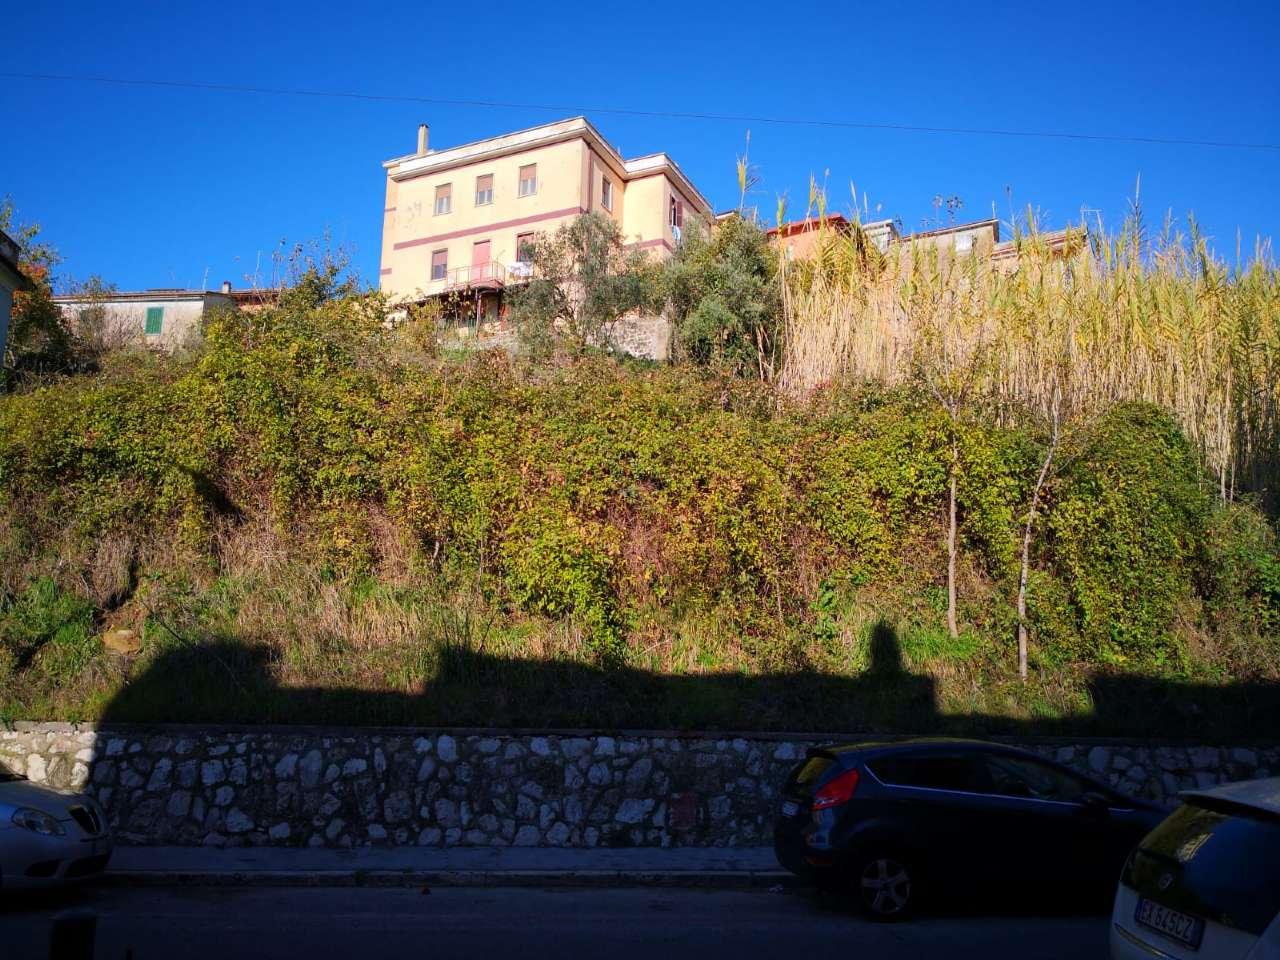 Terreno Agricolo in vendita a Frosinone, 9999 locali, prezzo € 40.000 | CambioCasa.it